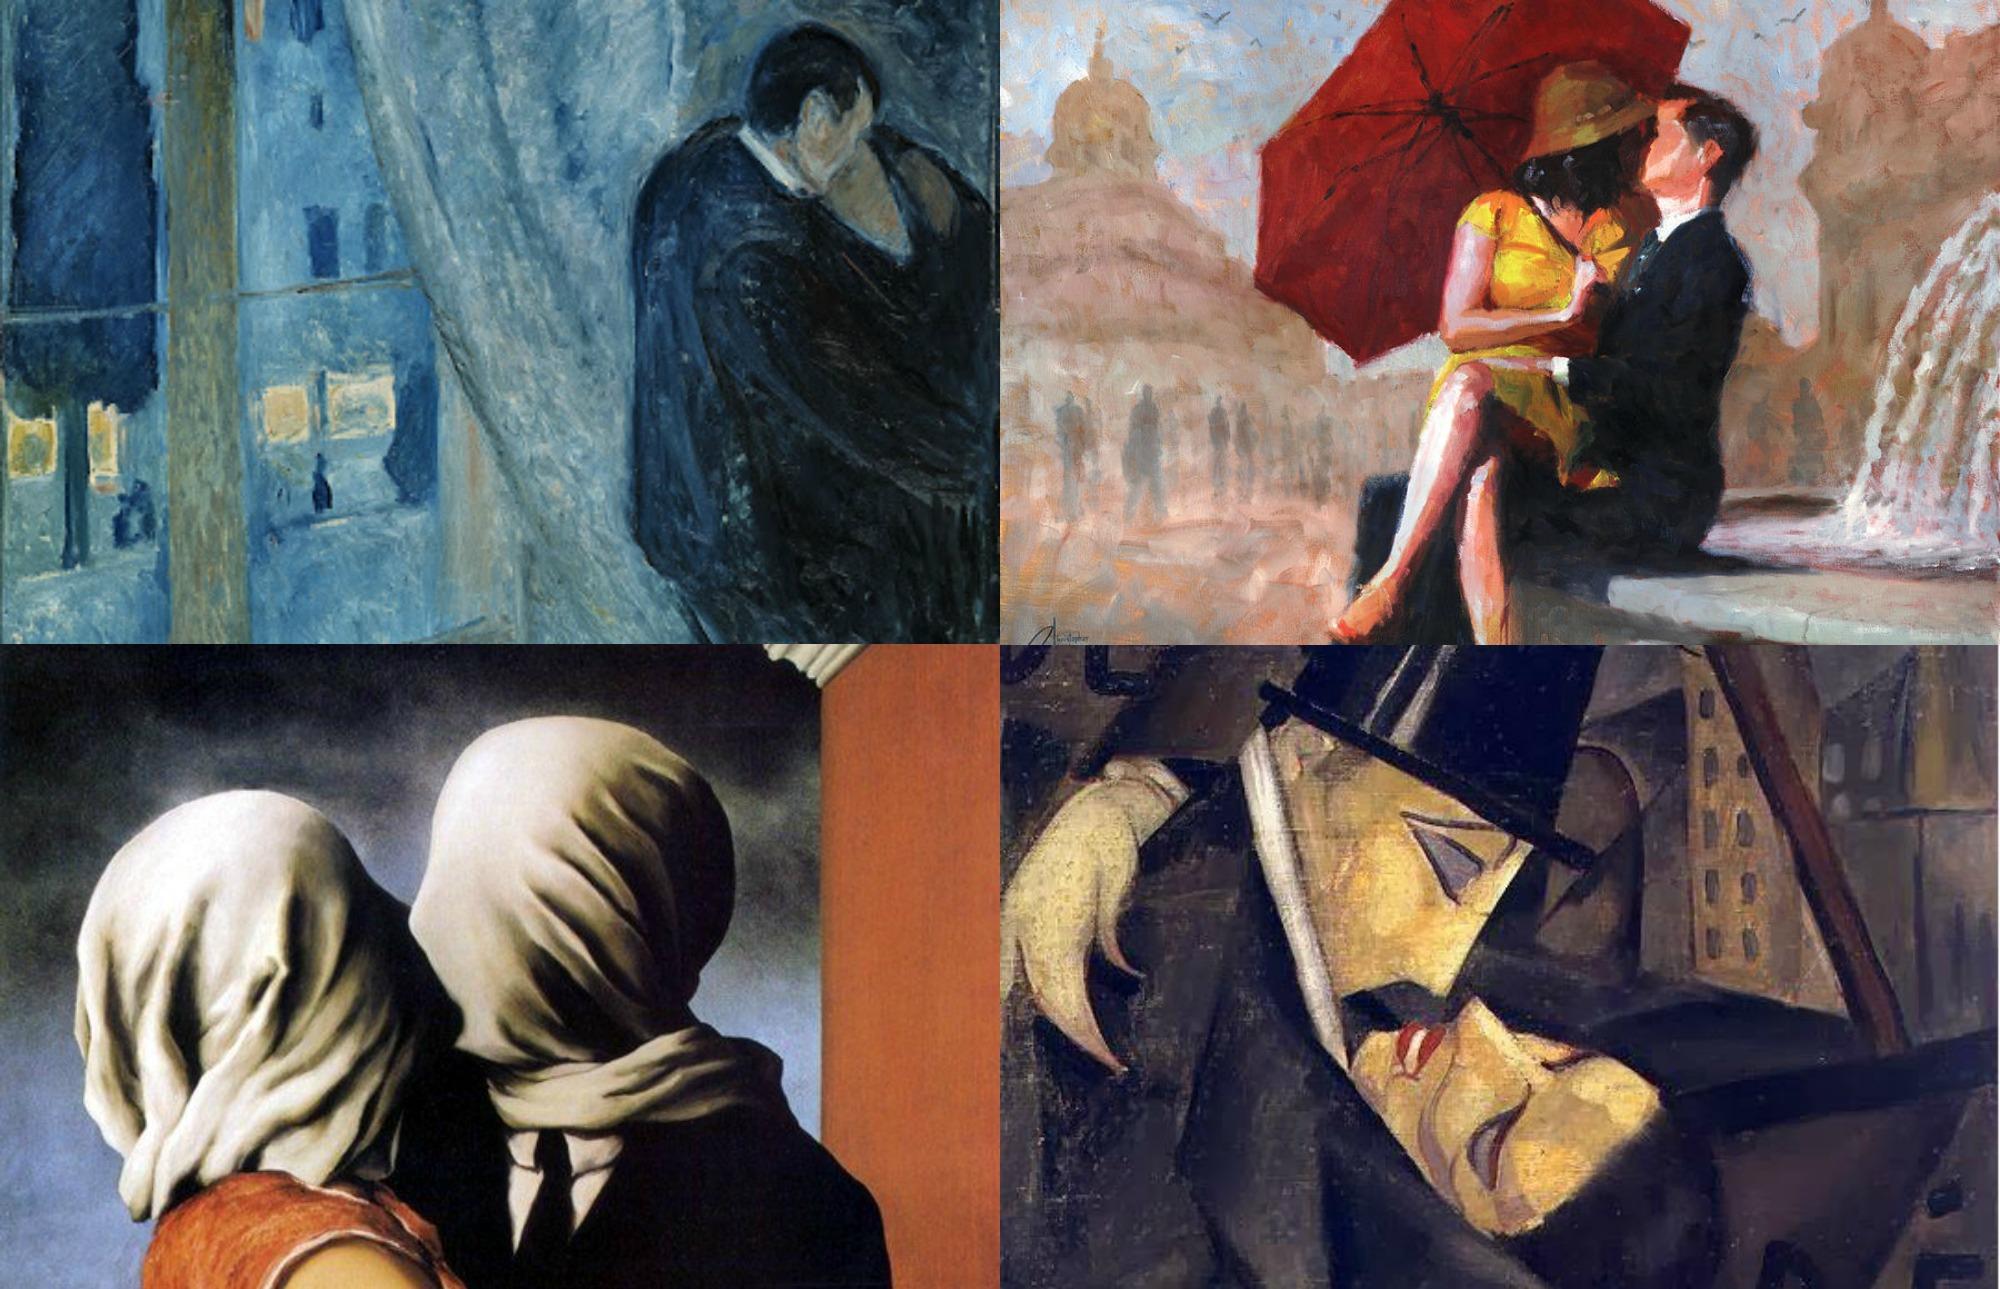 baci nell'arte